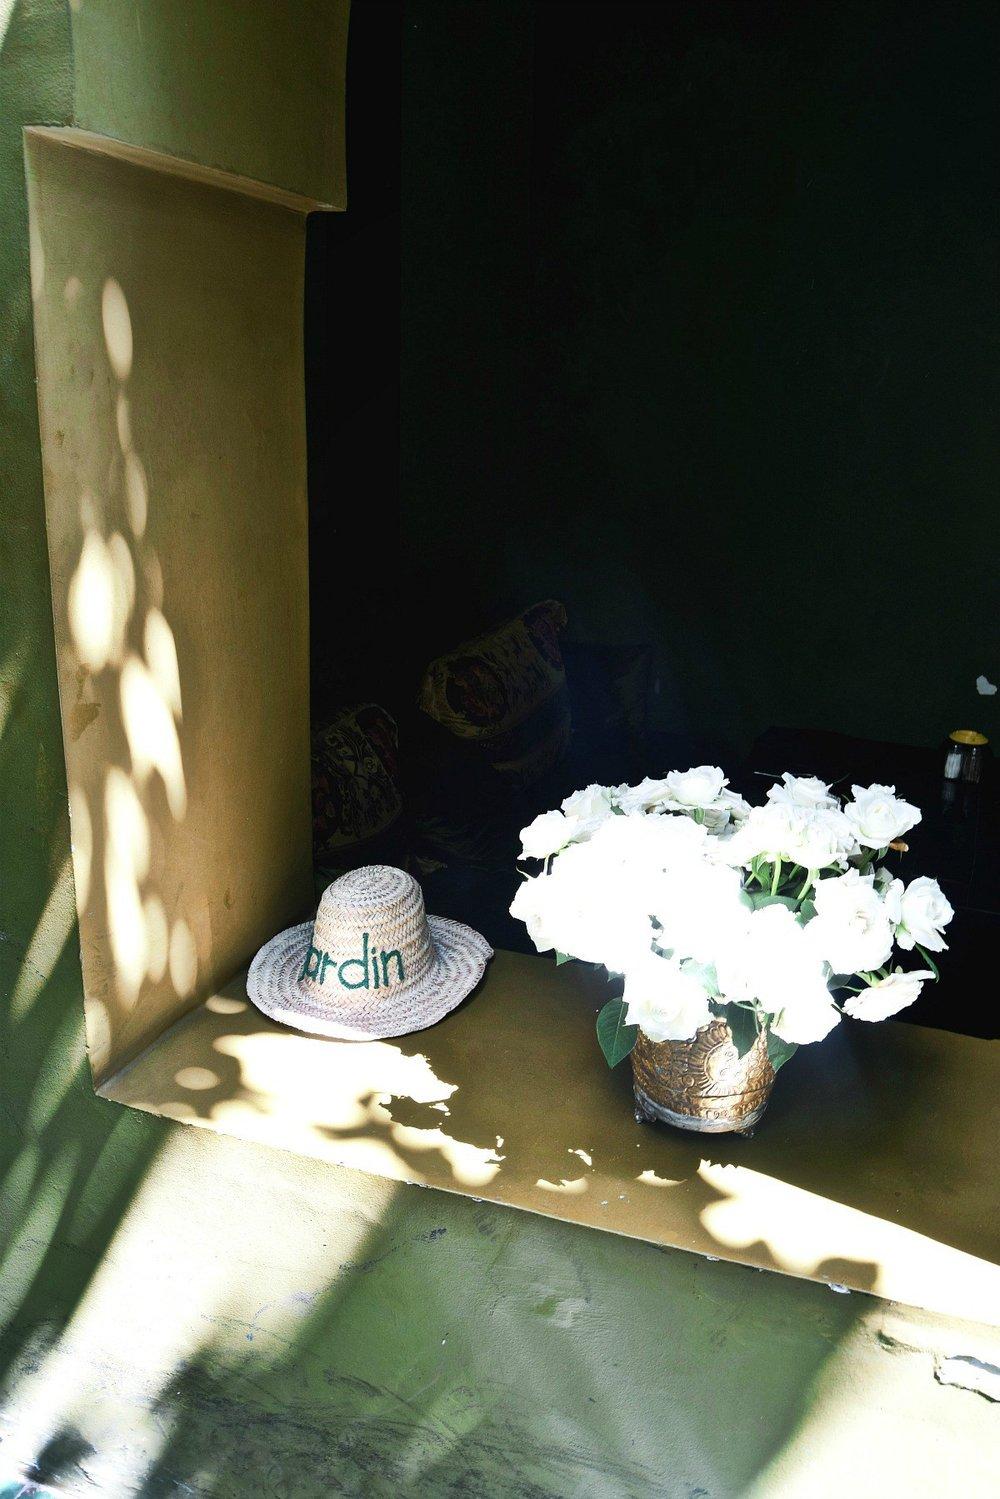 """Le jardin - Ein kleiner üppiger Garten mitten in der Altstadt Marrakeschs. So versteckt, dass man ihn nur durch die Beschilderung finden kann. Der Name Le Jardin passt wunderbar zu dieser Oase der Ruhe. Bäume und Palmen ragen aus dem Boden und schaffen eine erholsame und angenehm kühle Atmosphäre unter freiem Himmel.Paul und ich waren während unseren Urlaubs in Marrakesch gleich zweimal hier. Nicht nur wegen des hervorragenden Essens, sondern auch deshalb, da man hier wunderbar abschalten und sich von der afrikanischen Hitze erholen kann. Die Karte im Le Jardin ist vergleichsweise groß. Da ich das Wort """"Tajine"""" schon nicht mehr lesen konnte, wählte ich das """"Minced chicken with cream, mushroom and basmati rice"""". Für probierfreudige Fleischesser bietet das Le Jardin außerdem die gewöhnungsbedürftigeTauben-Pastilla an."""